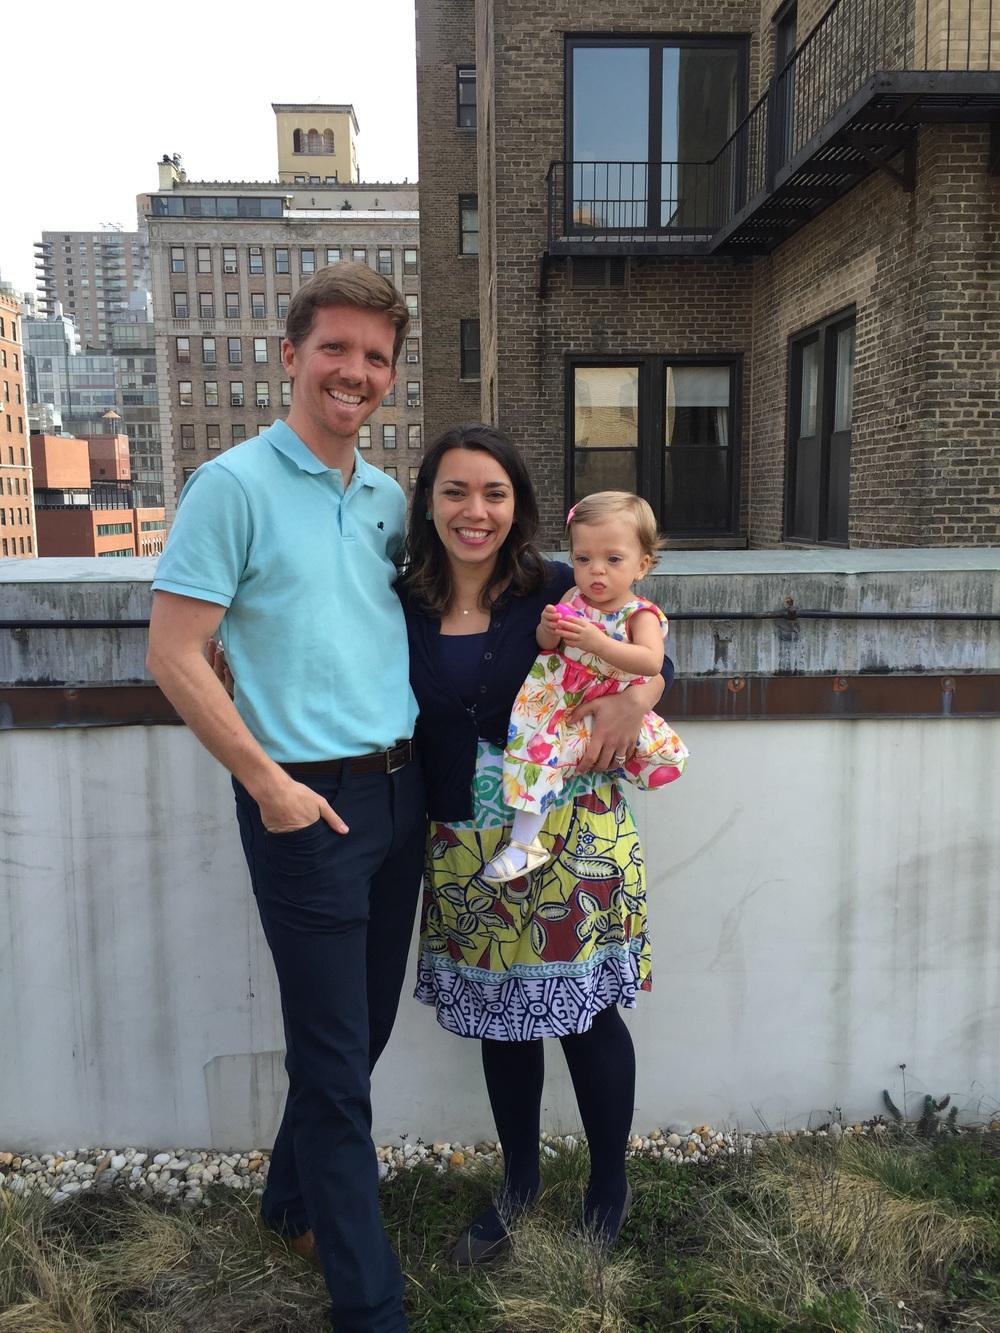 Easter Family Portrait